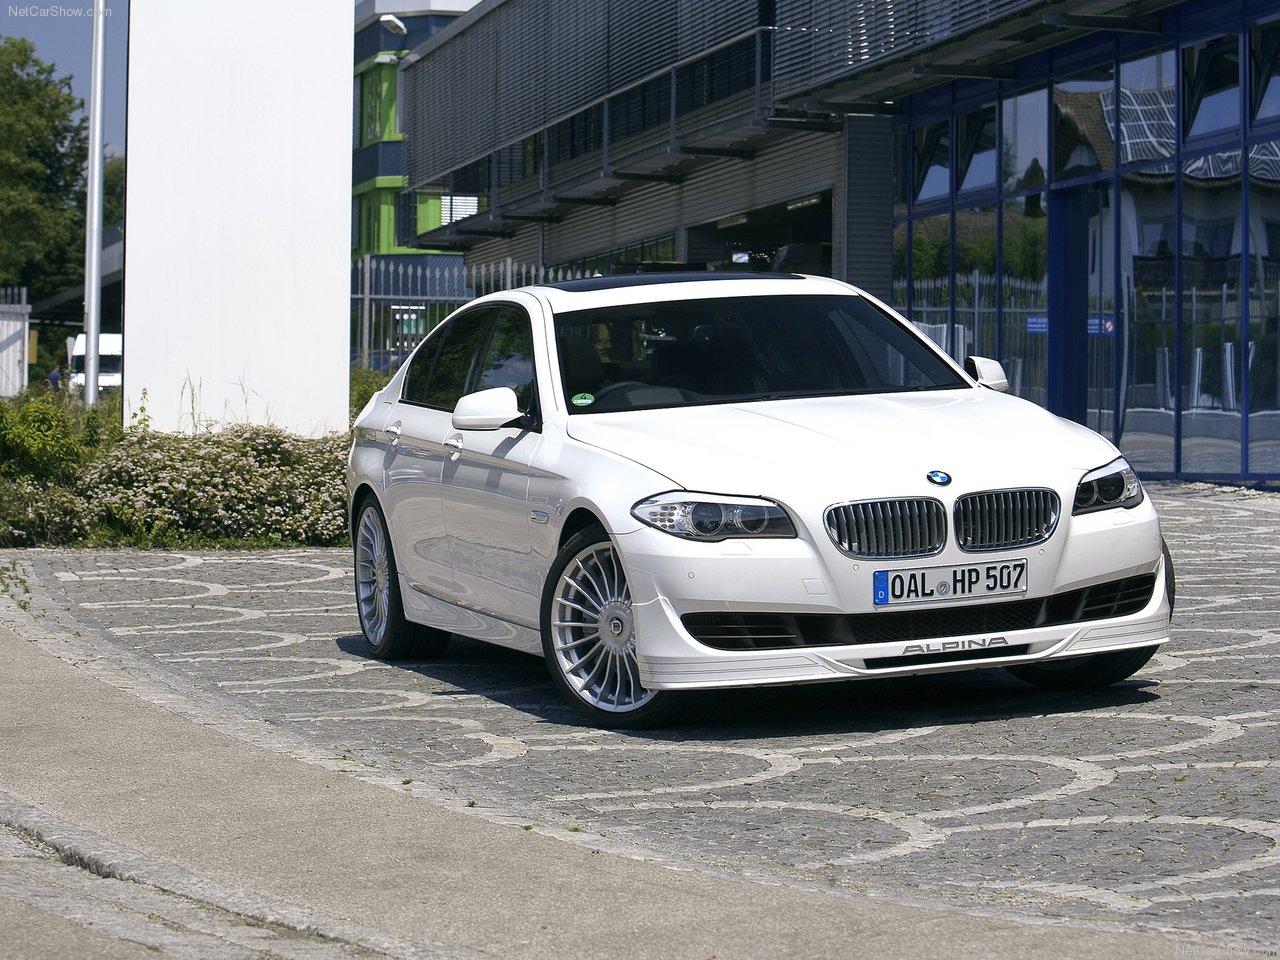 Alpina BMW B5 BiTurbo 2011 &Alpina-BMW_B5_Bi-Turbo-2011-1280-04